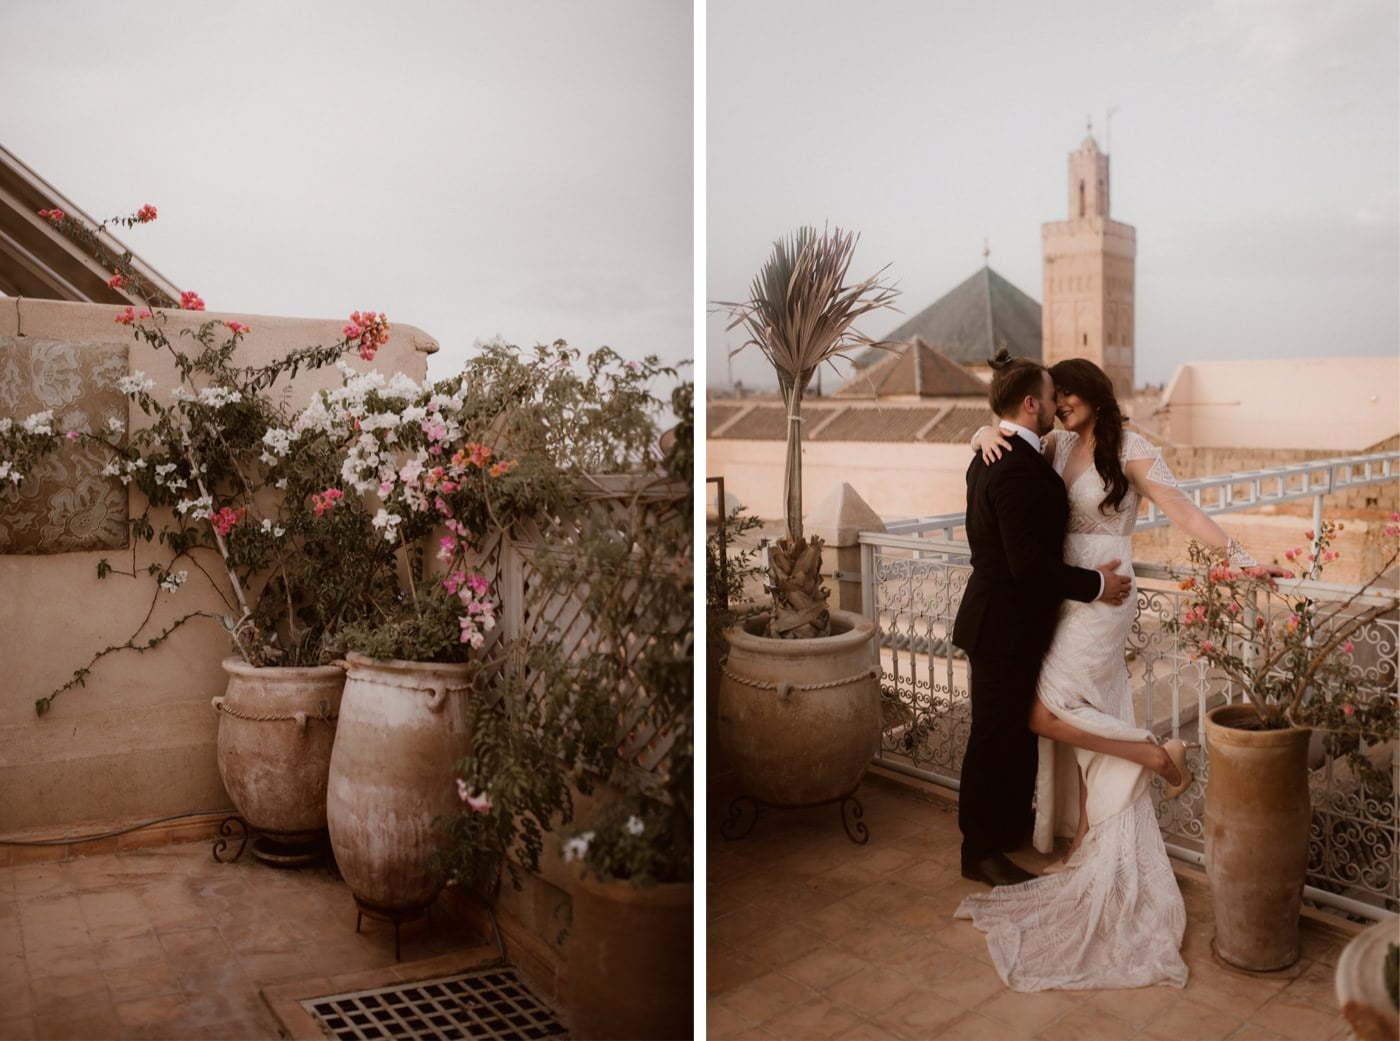 ewelina zieba sesja slubna marrakech 19